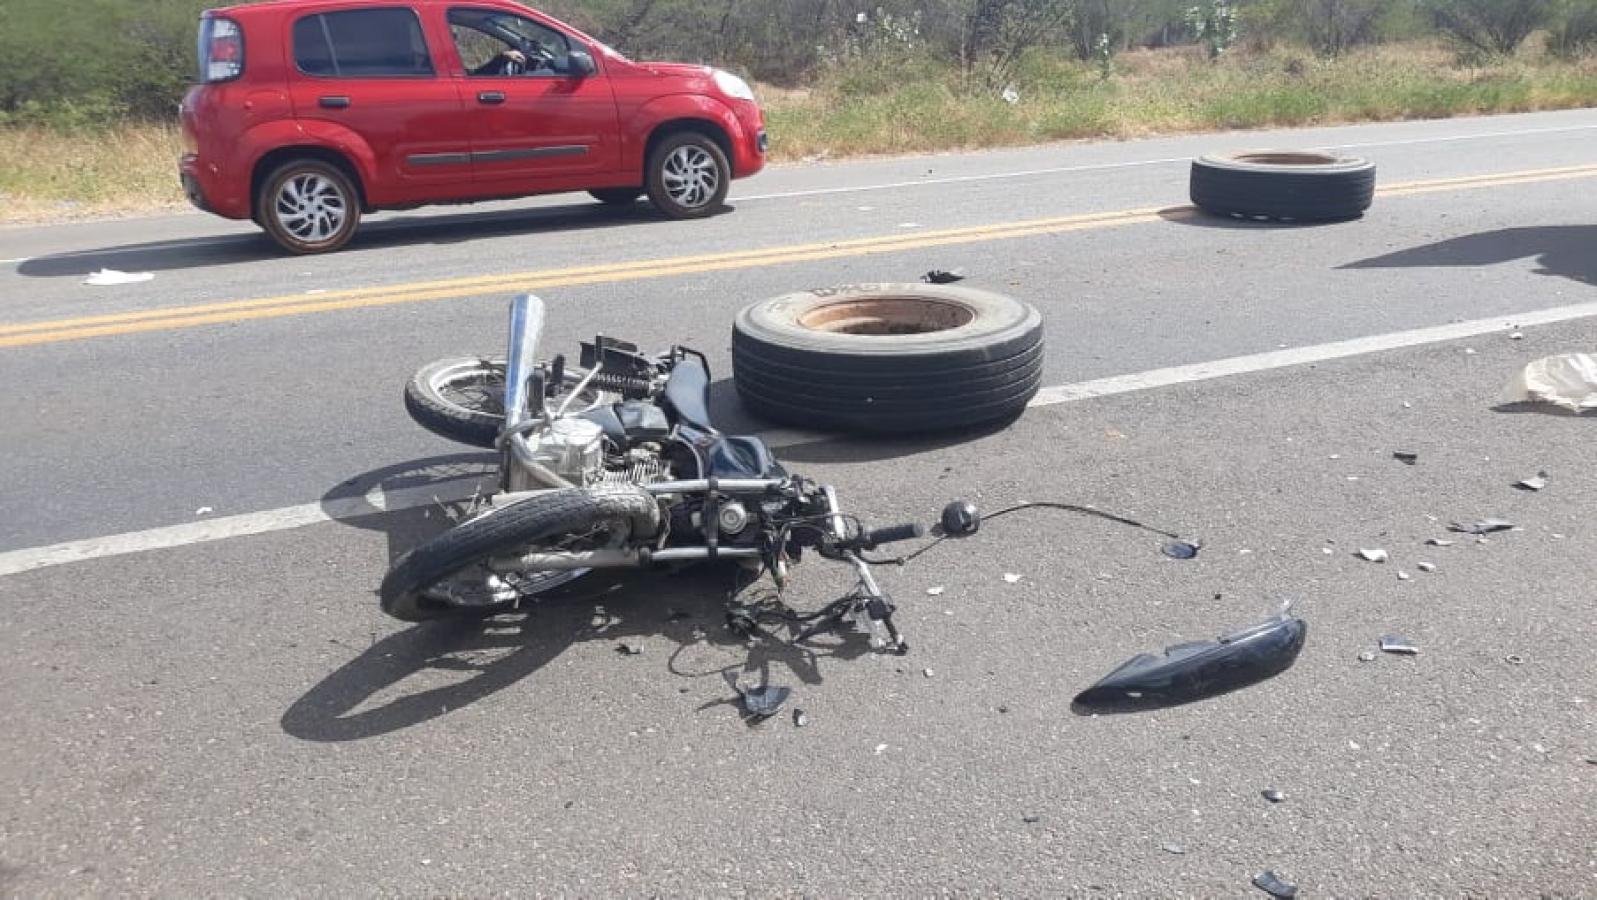 Motociclista morre após ser atingido por pneus de carreta em Mossoró